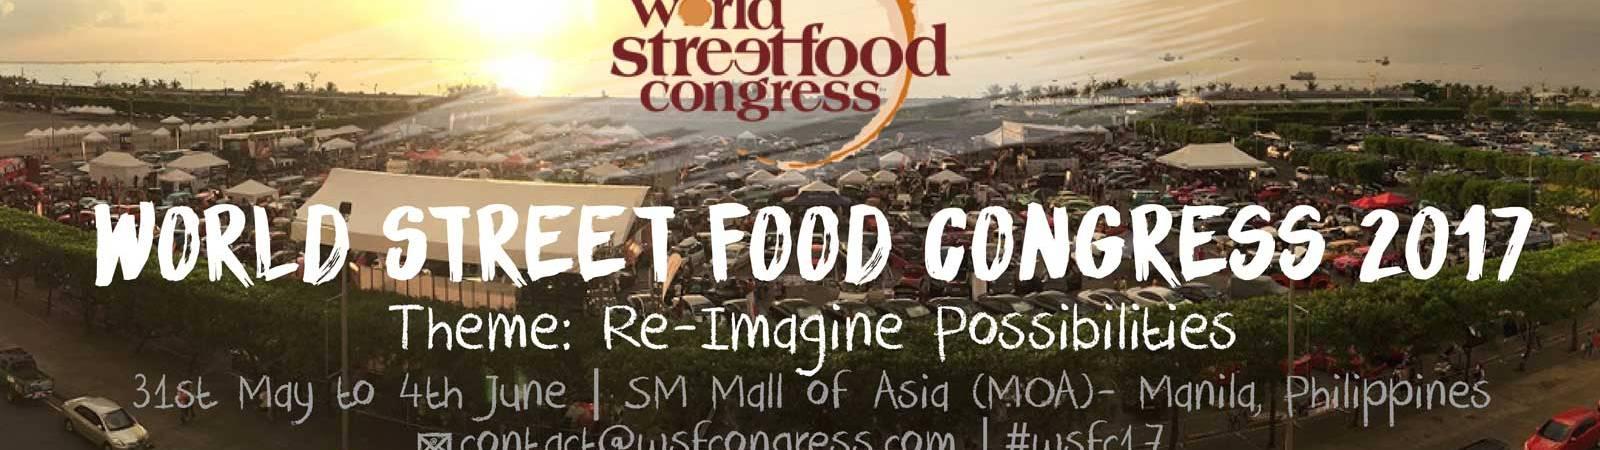 World Street Food Congress 2017